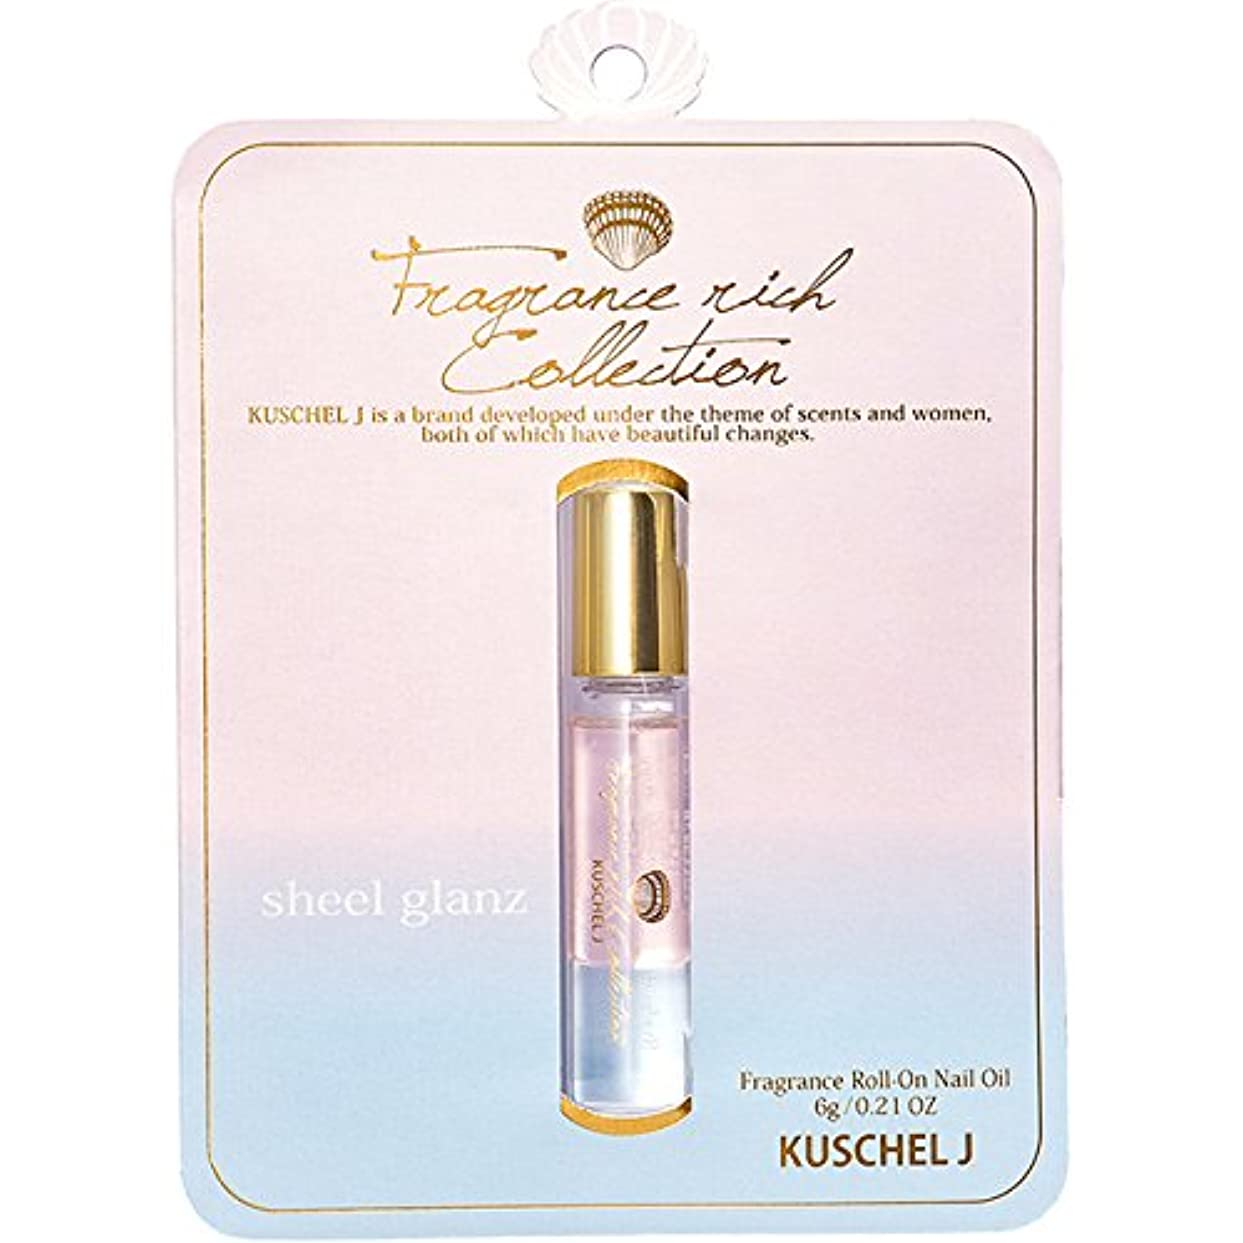 眩惑するパイプところでフレグランシー クシェルヨット(KUSCHEL J) ネイルオイル シェルグラン 6g